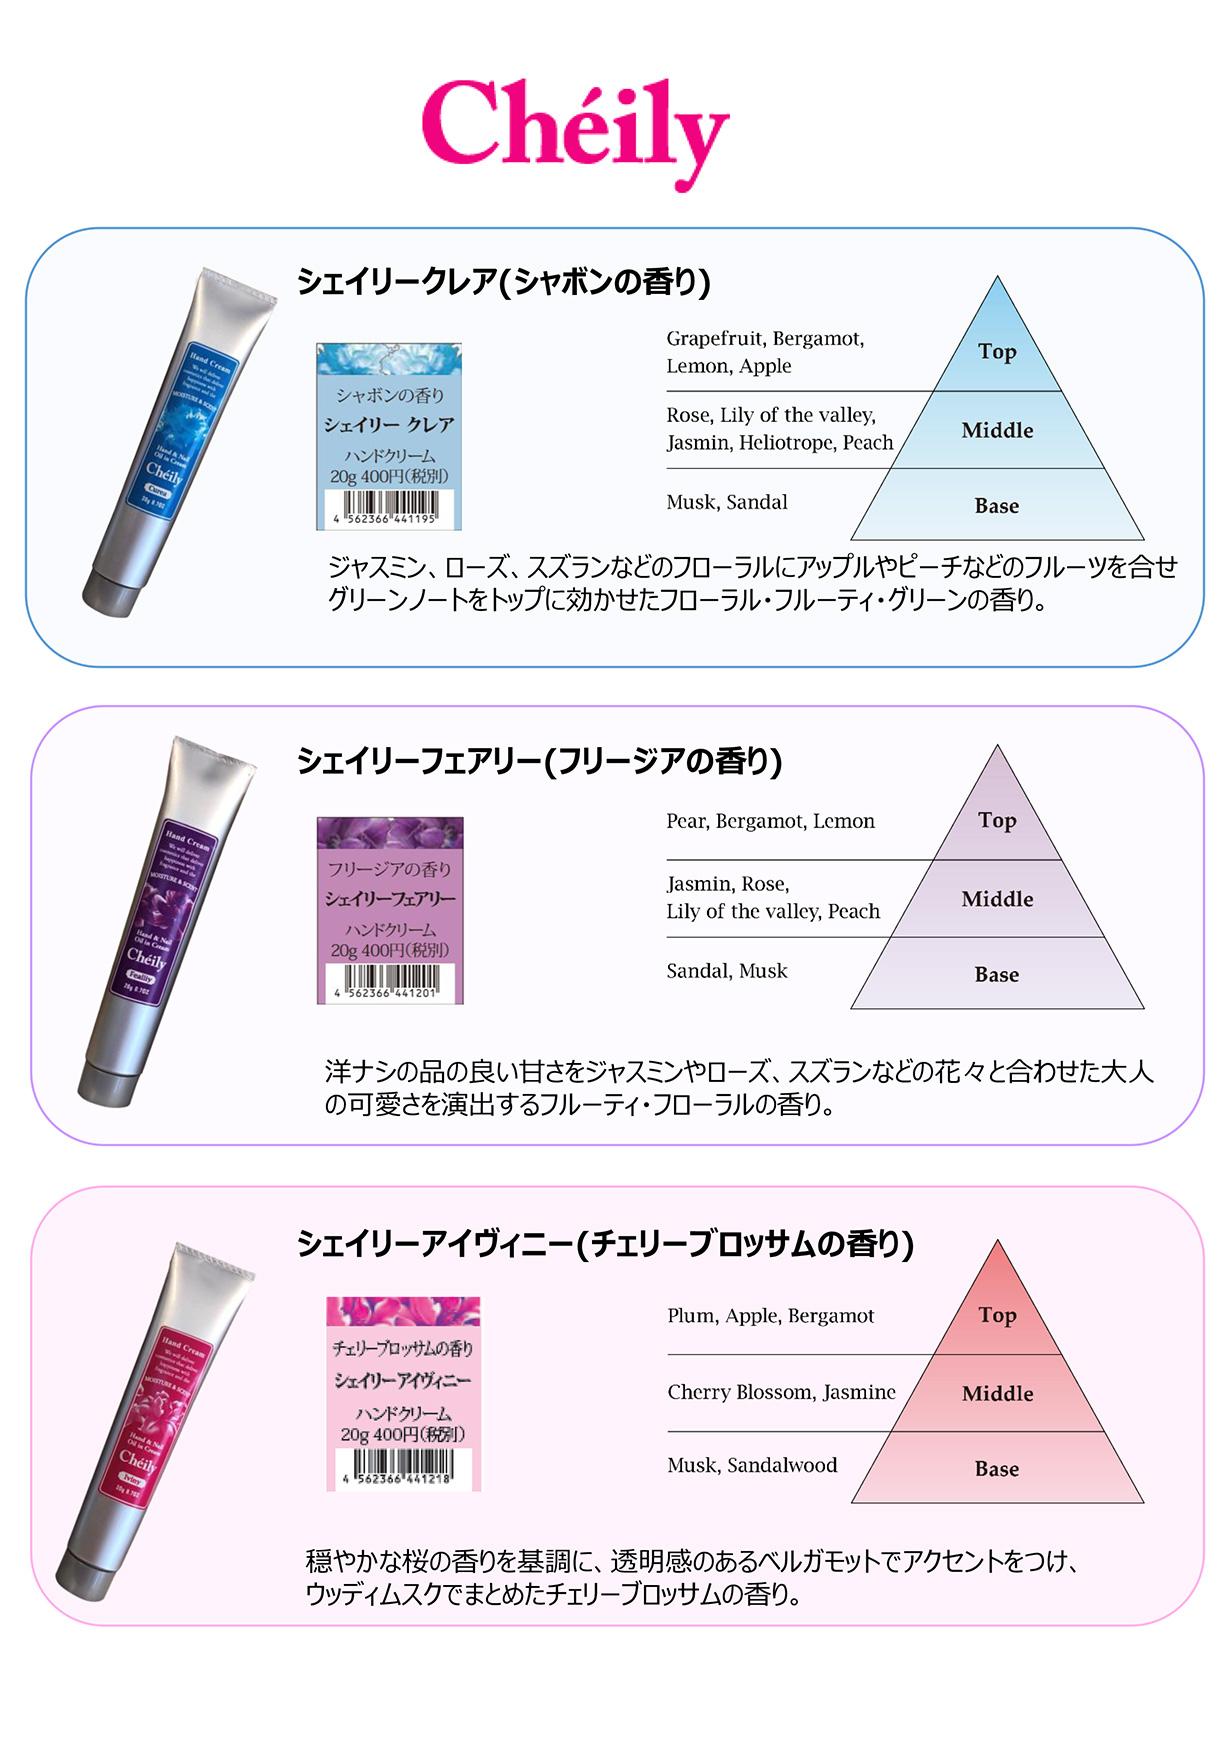 【規定書】シェイリー ハンド&ネイルクリーム(2)